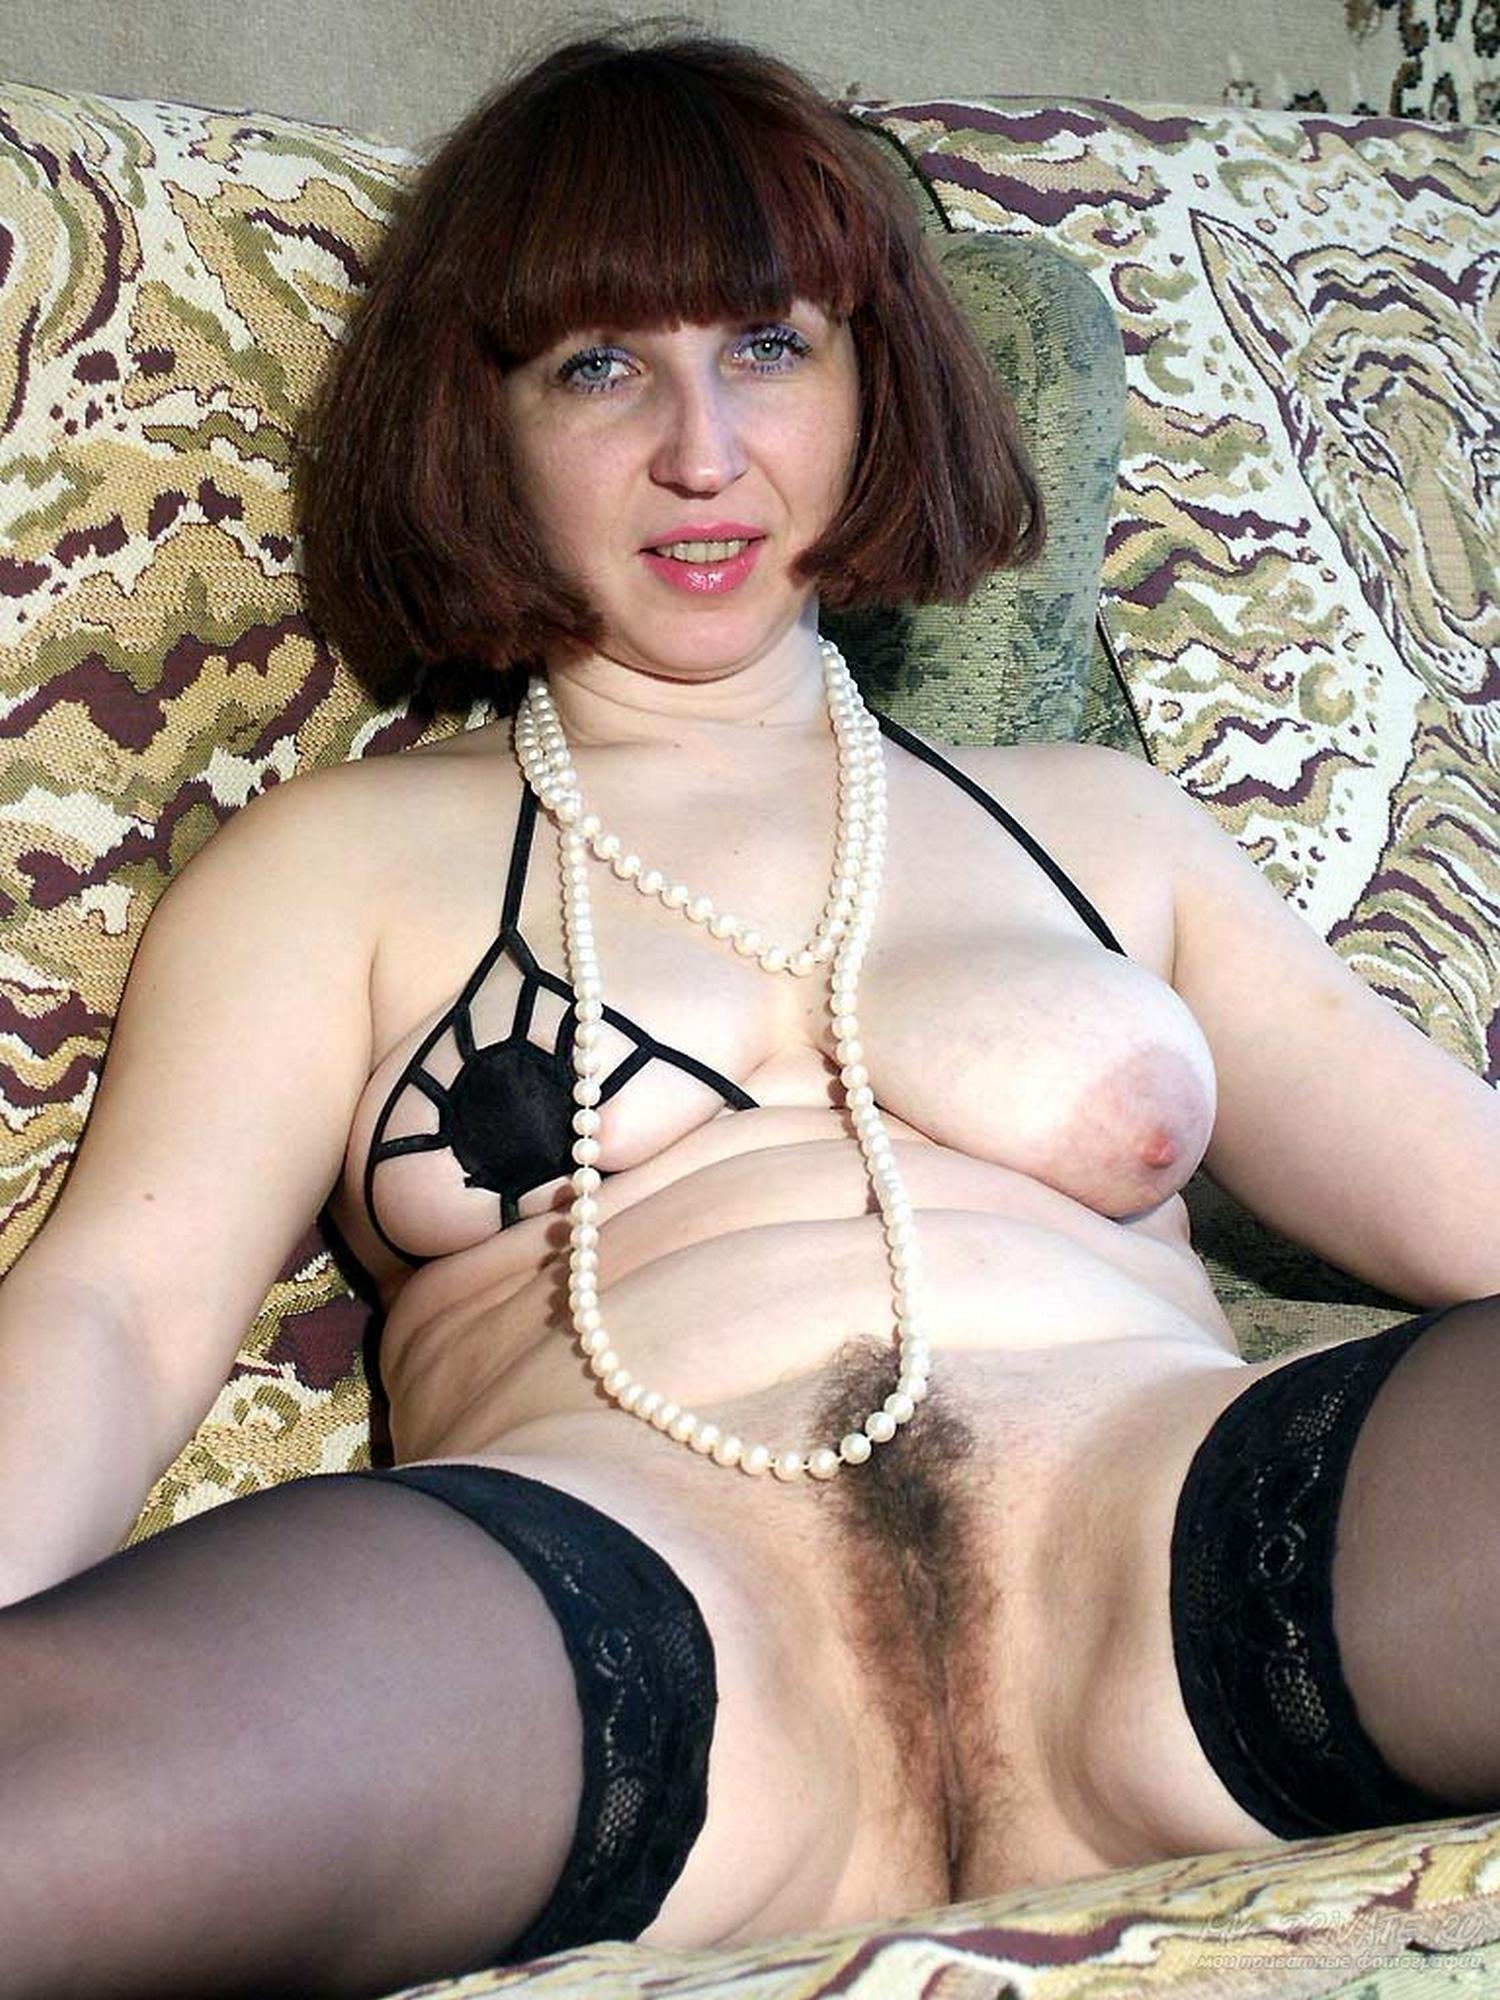 Мамаша блистает мохнаткой сидя на диване секс фото